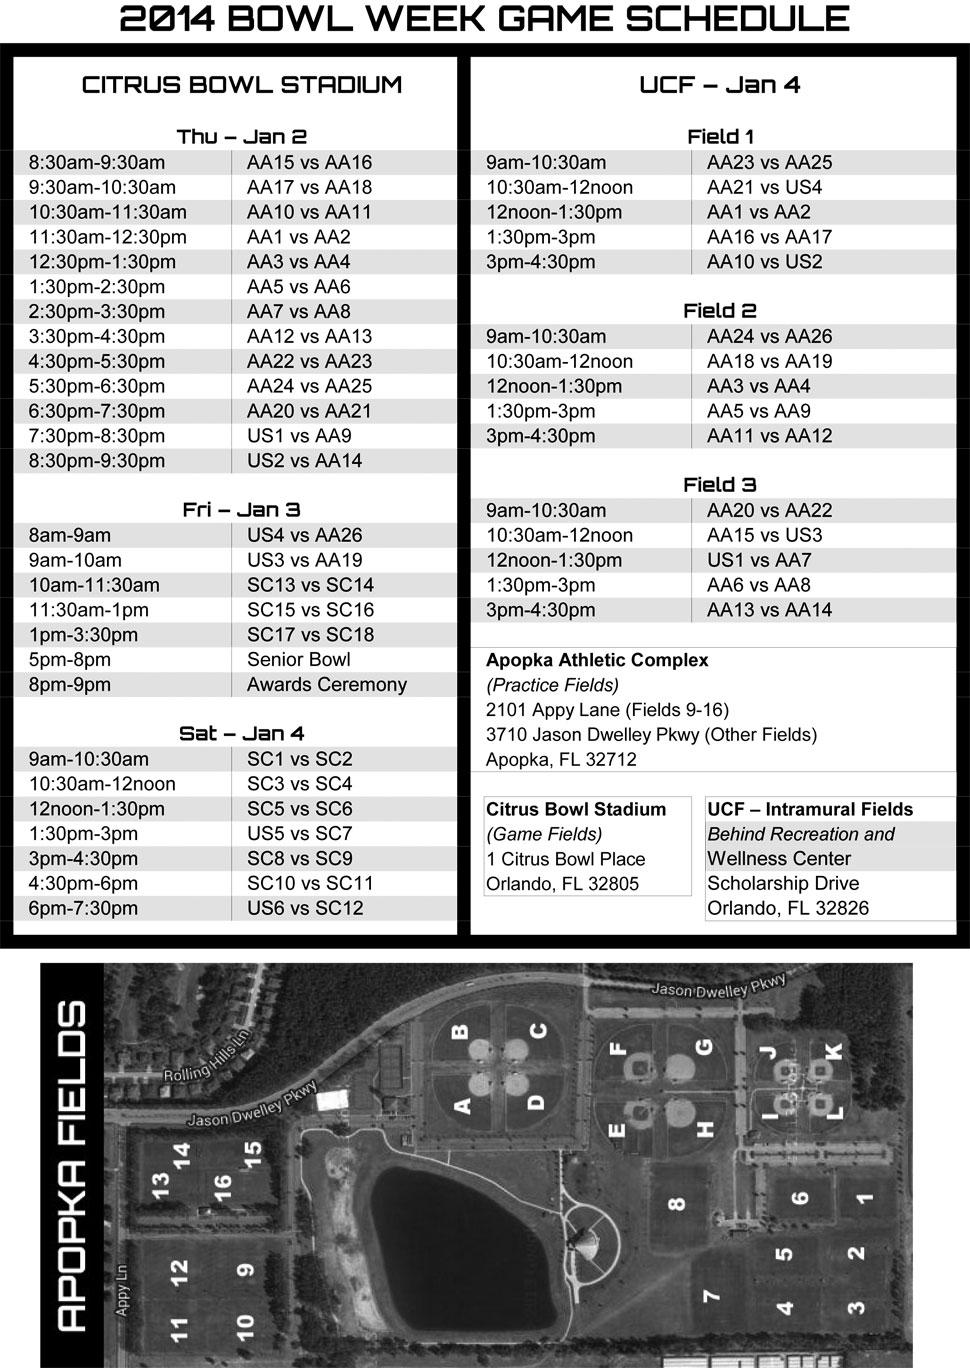 big games today 2015 ncaaf schedule